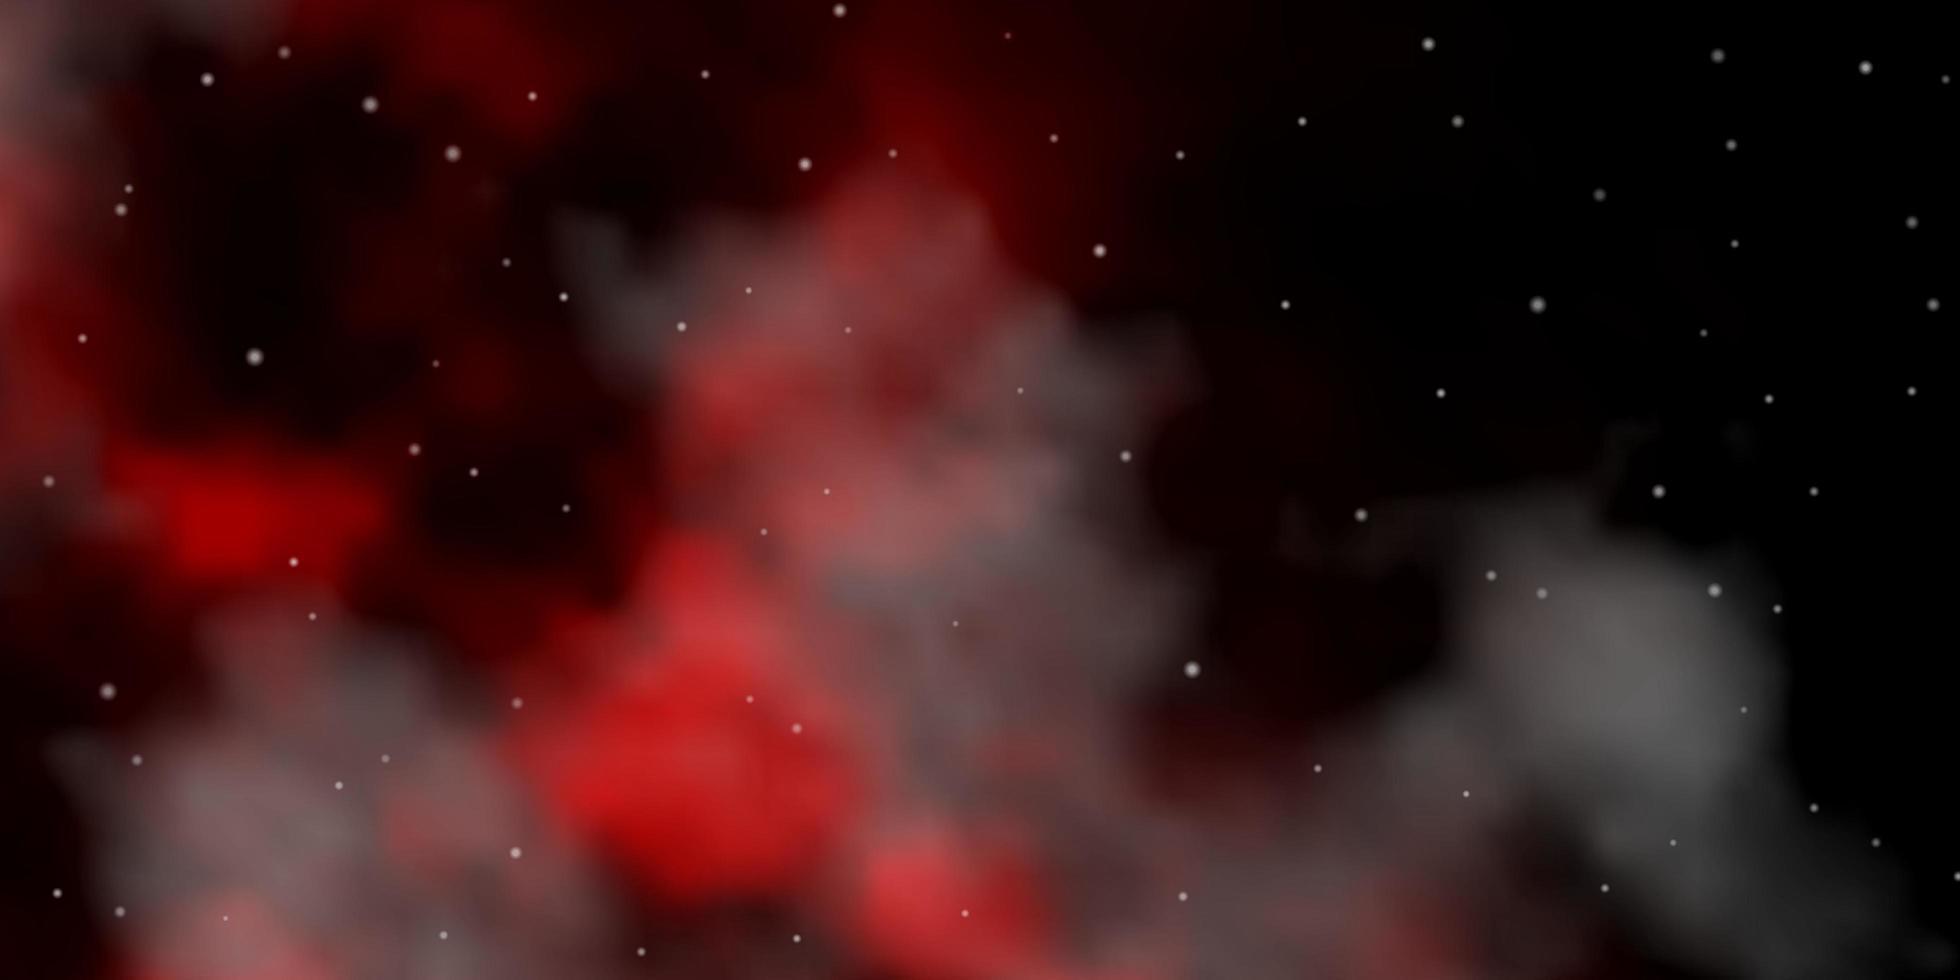 textura de vector rojo oscuro con hermosas estrellas